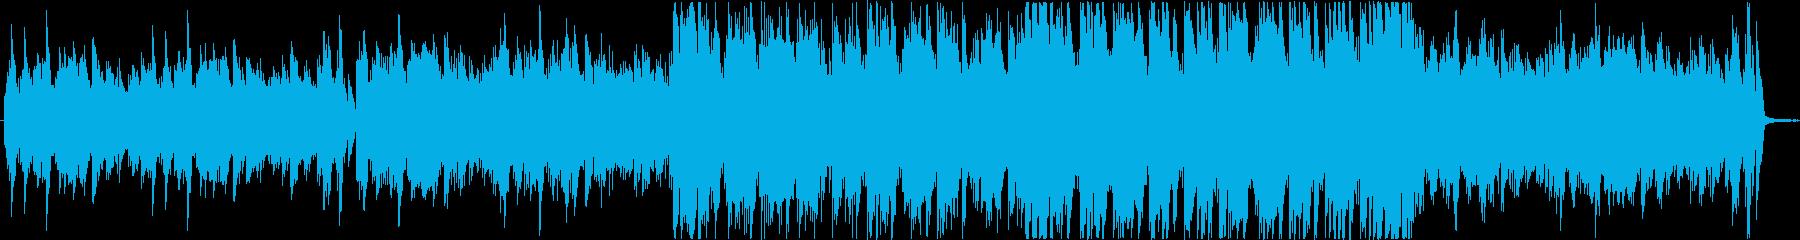 印象的なフレーズに繋がるBGMの再生済みの波形